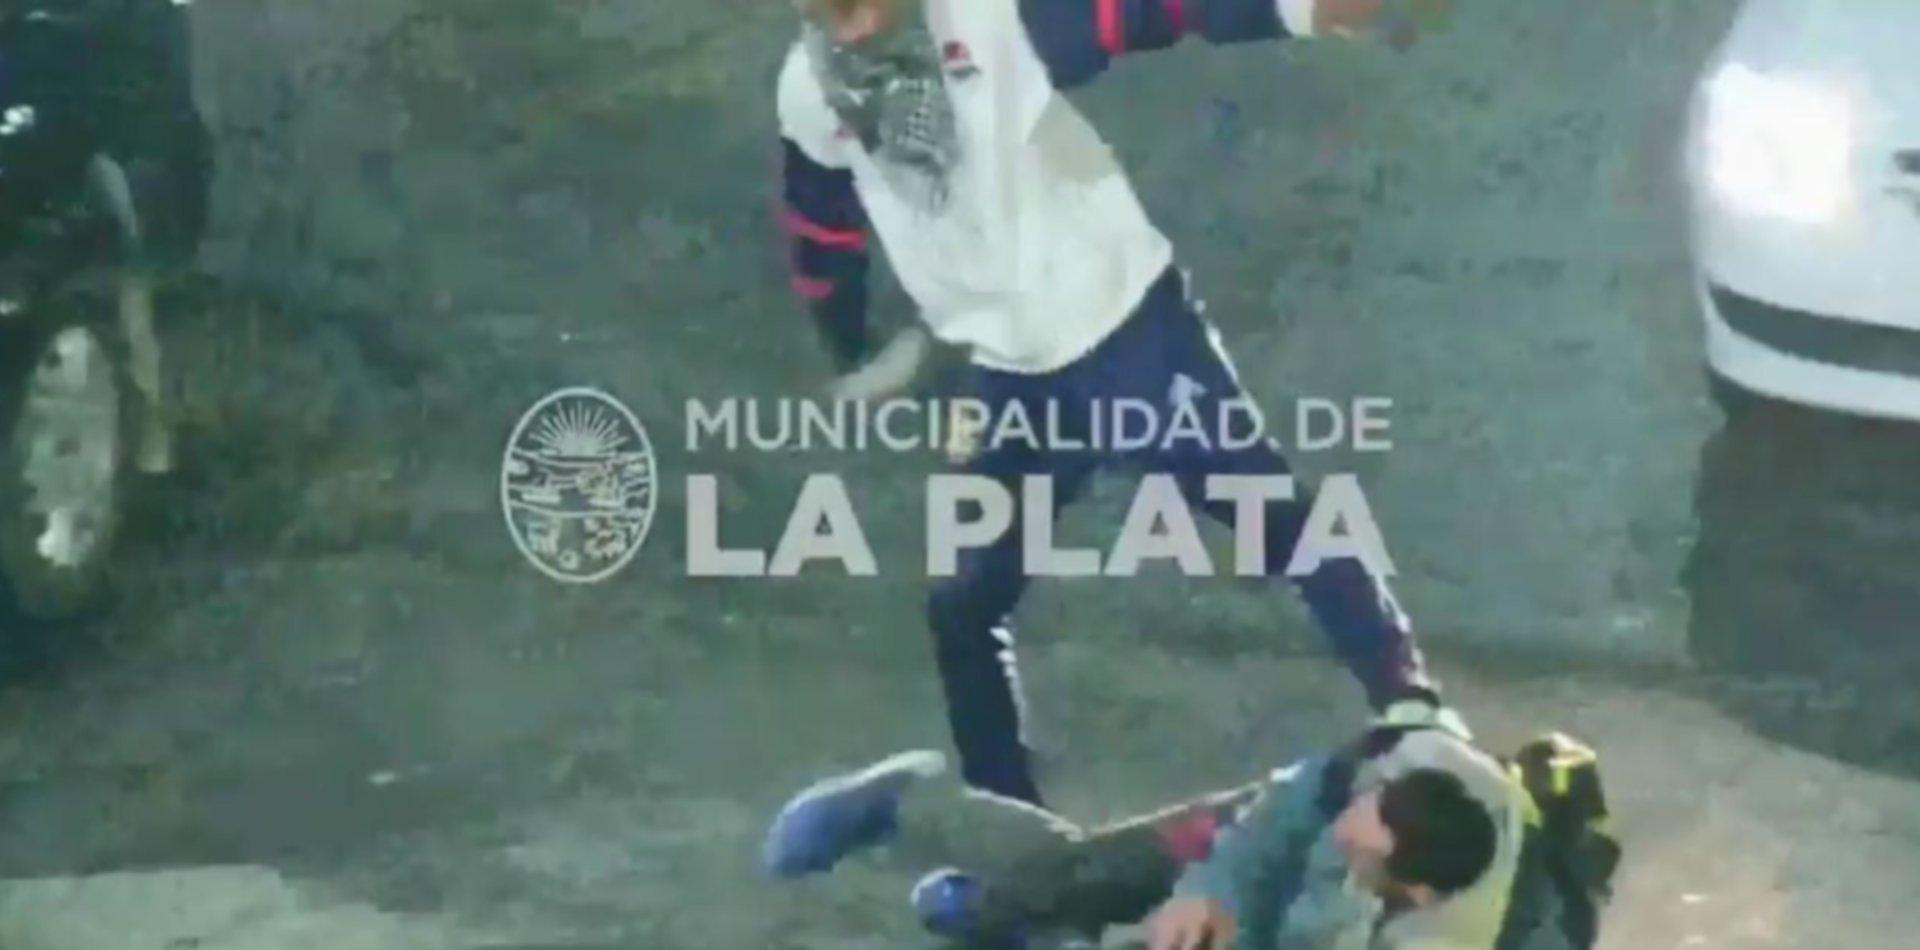 VIDEO: Una violenta pelea en 1 y 60 terminó con dos hombres detenidos